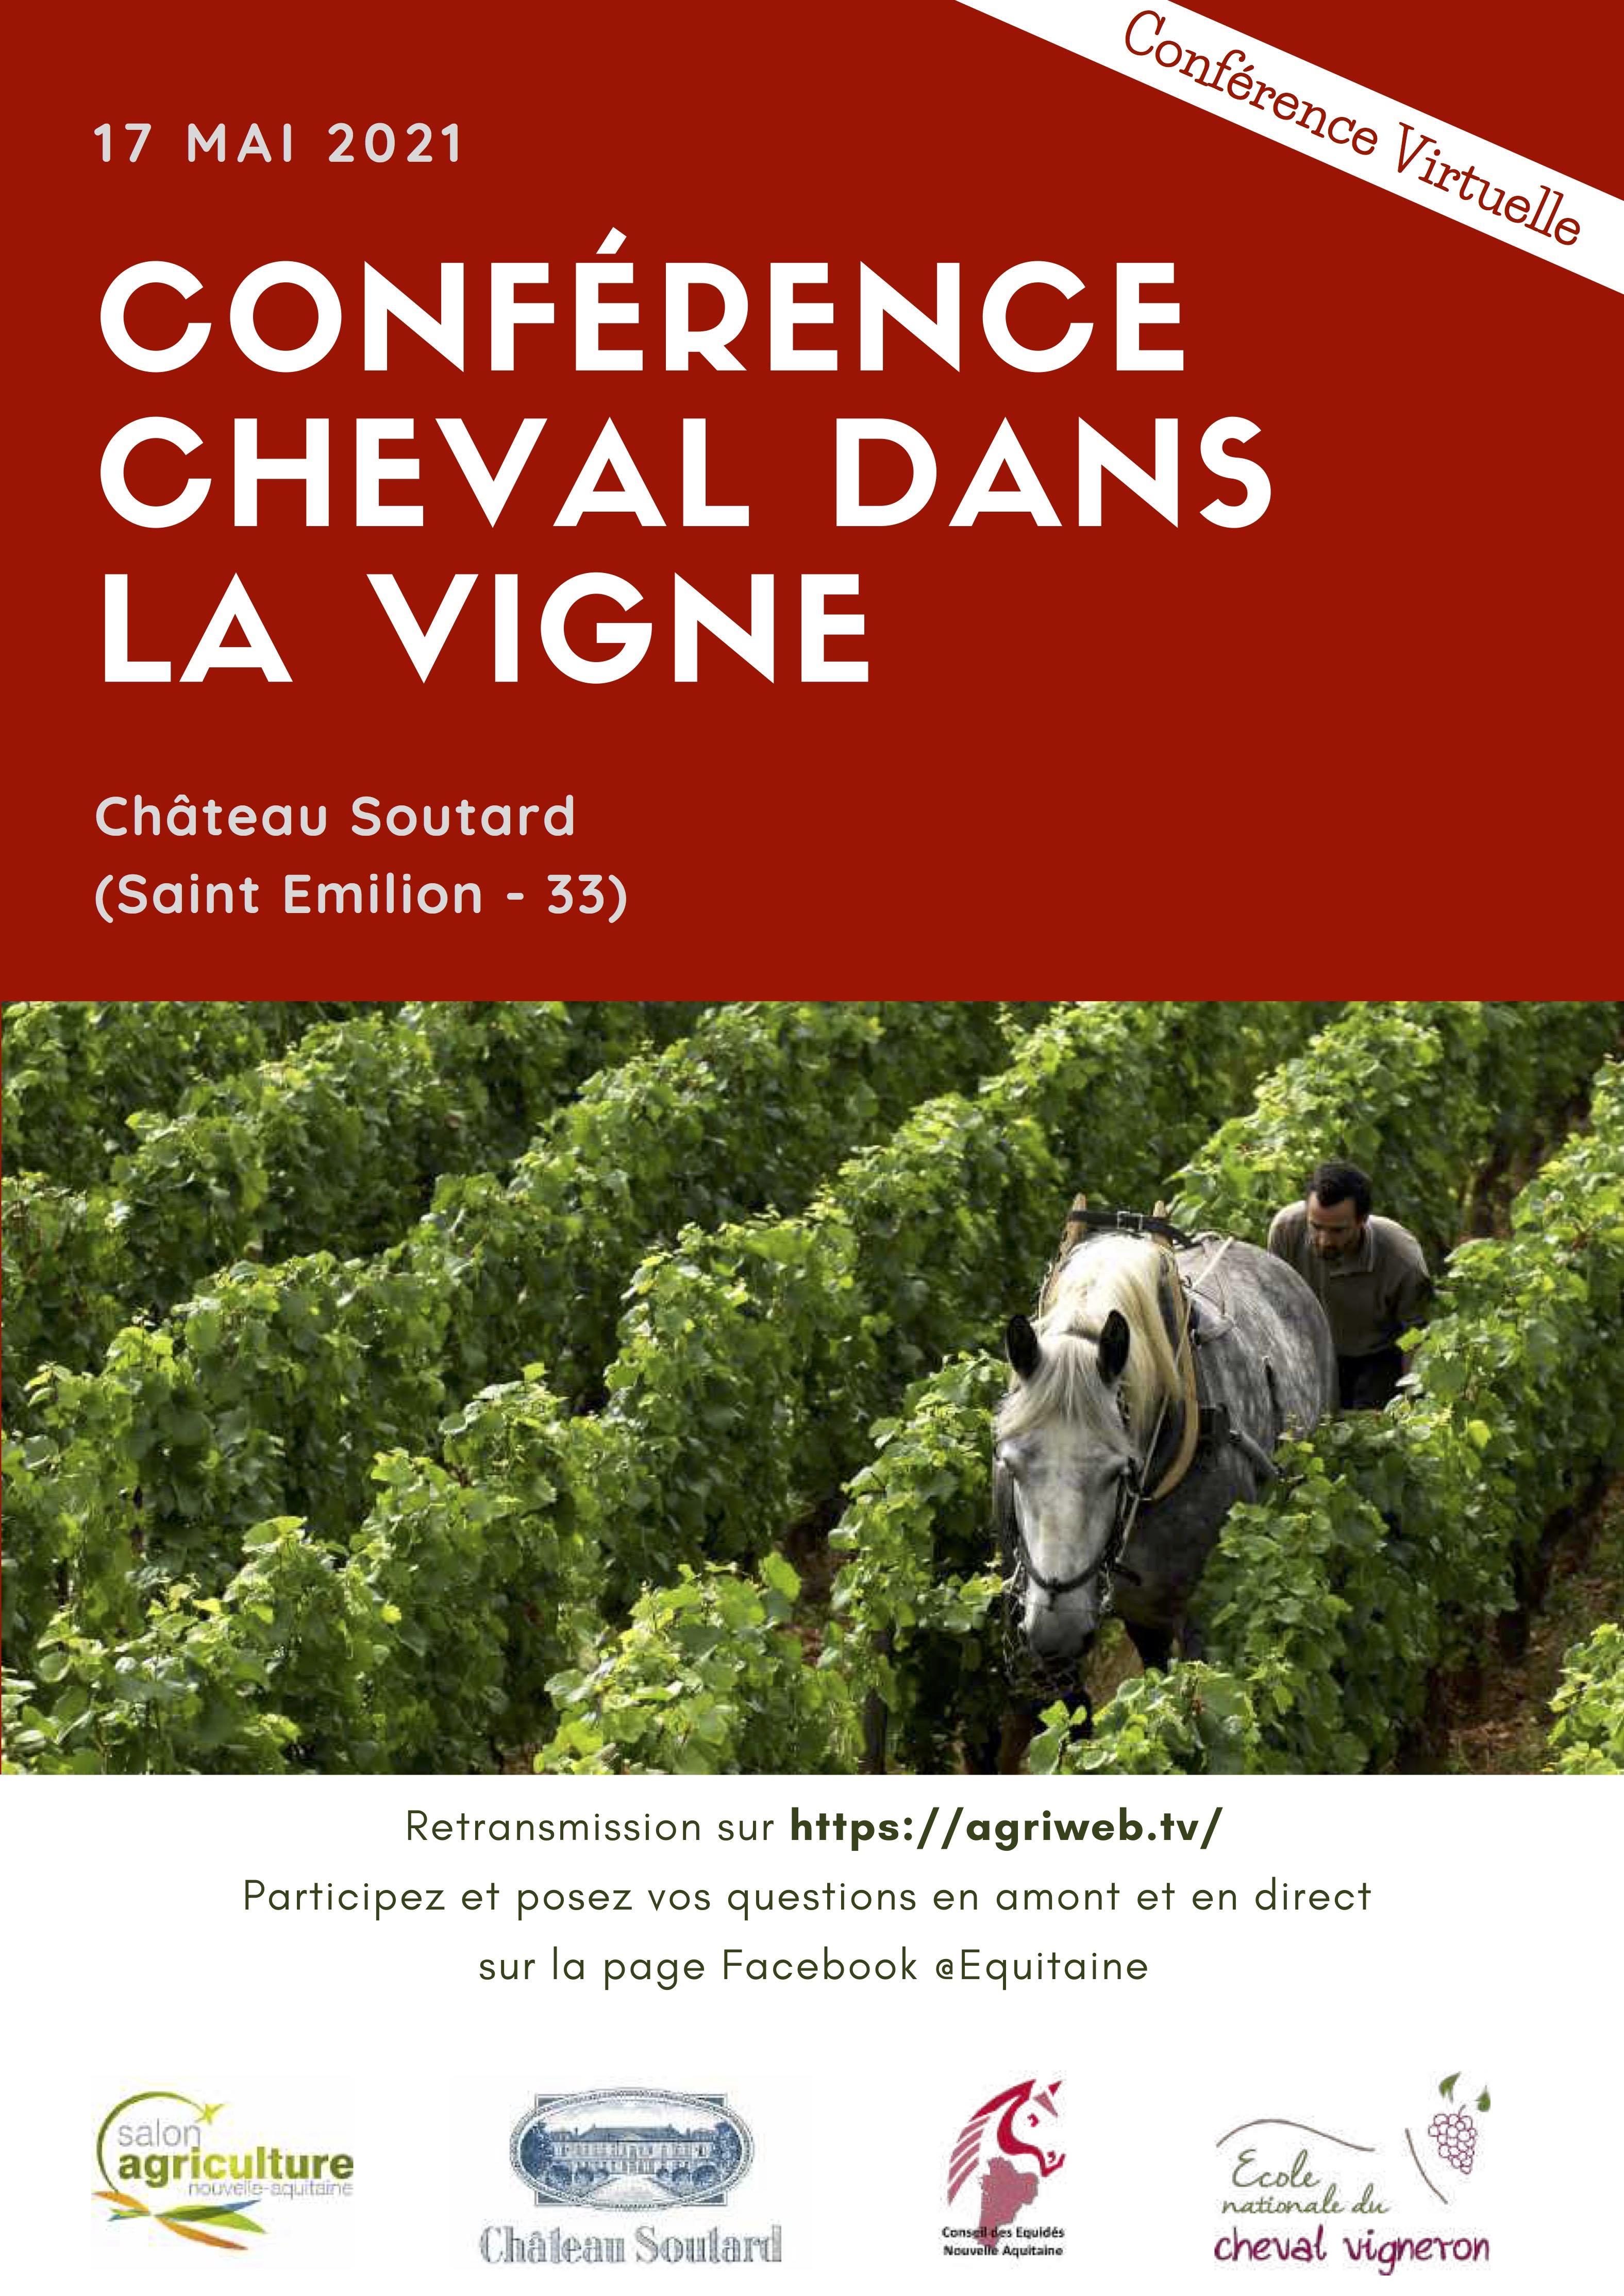 Conférence Cheval dans la Vigne